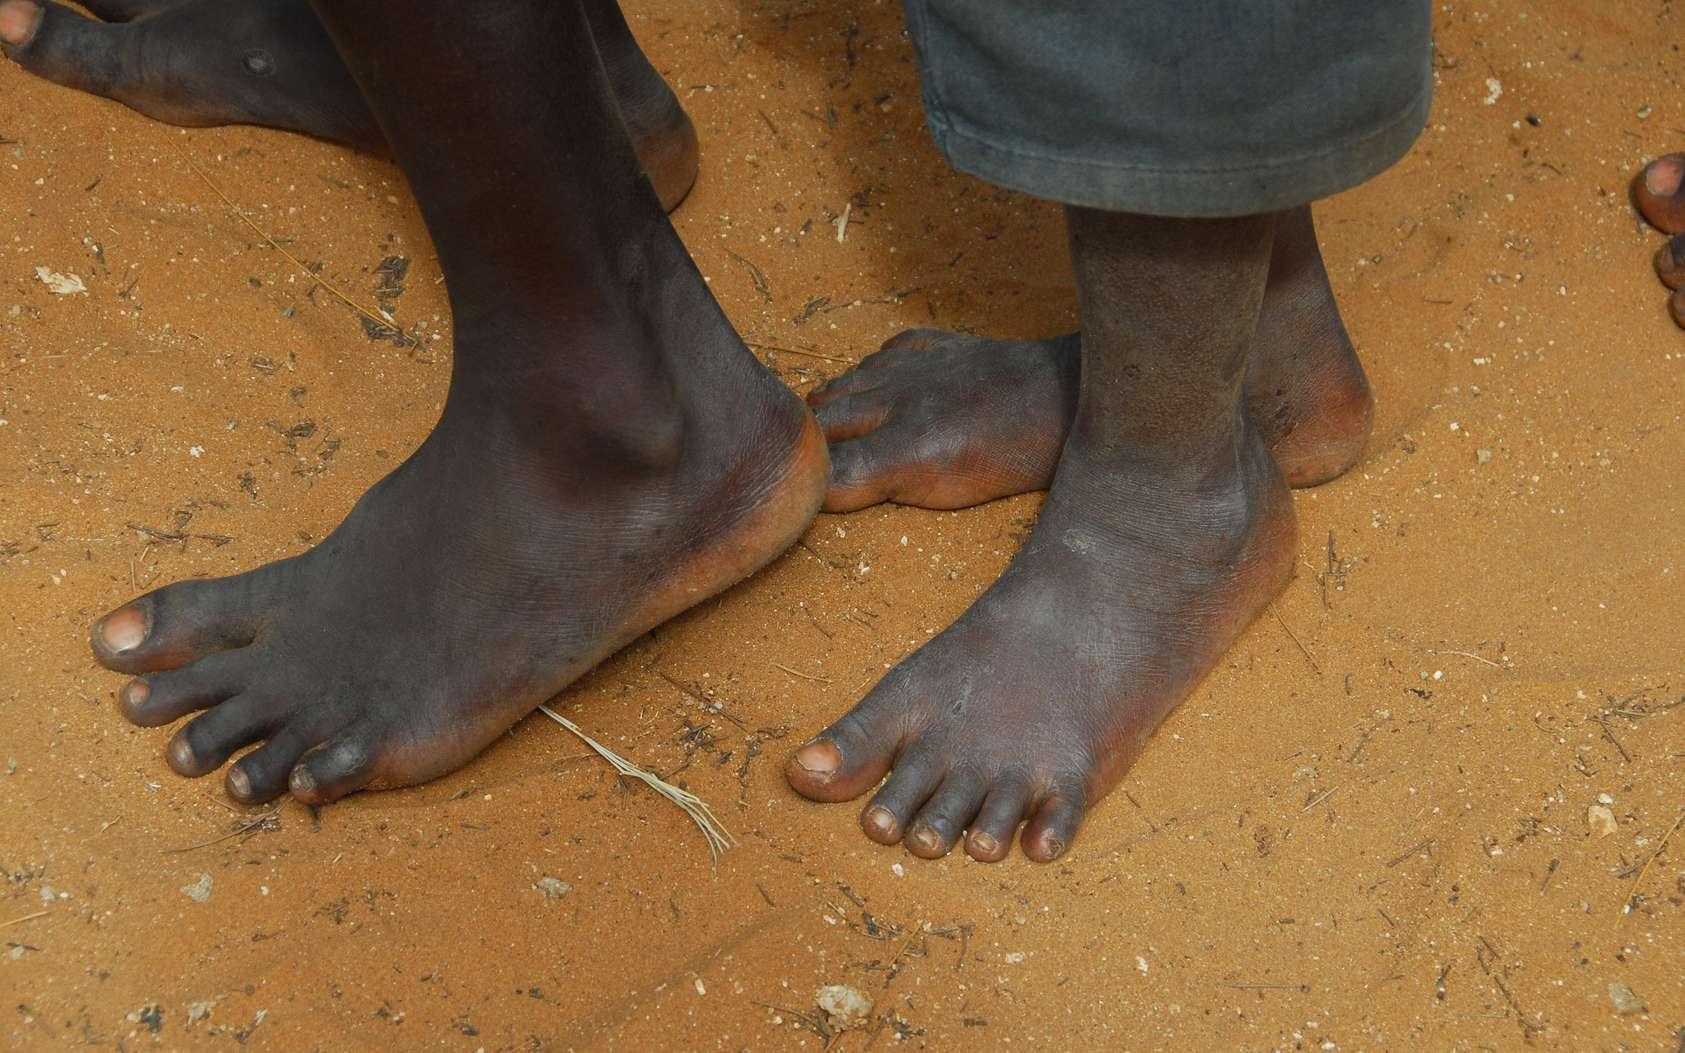 L'étude s'est intéressée aux pieds de 81 adultes au Kenya, dont certains ne portaient jamais de chaussures. © africa, Fotolia